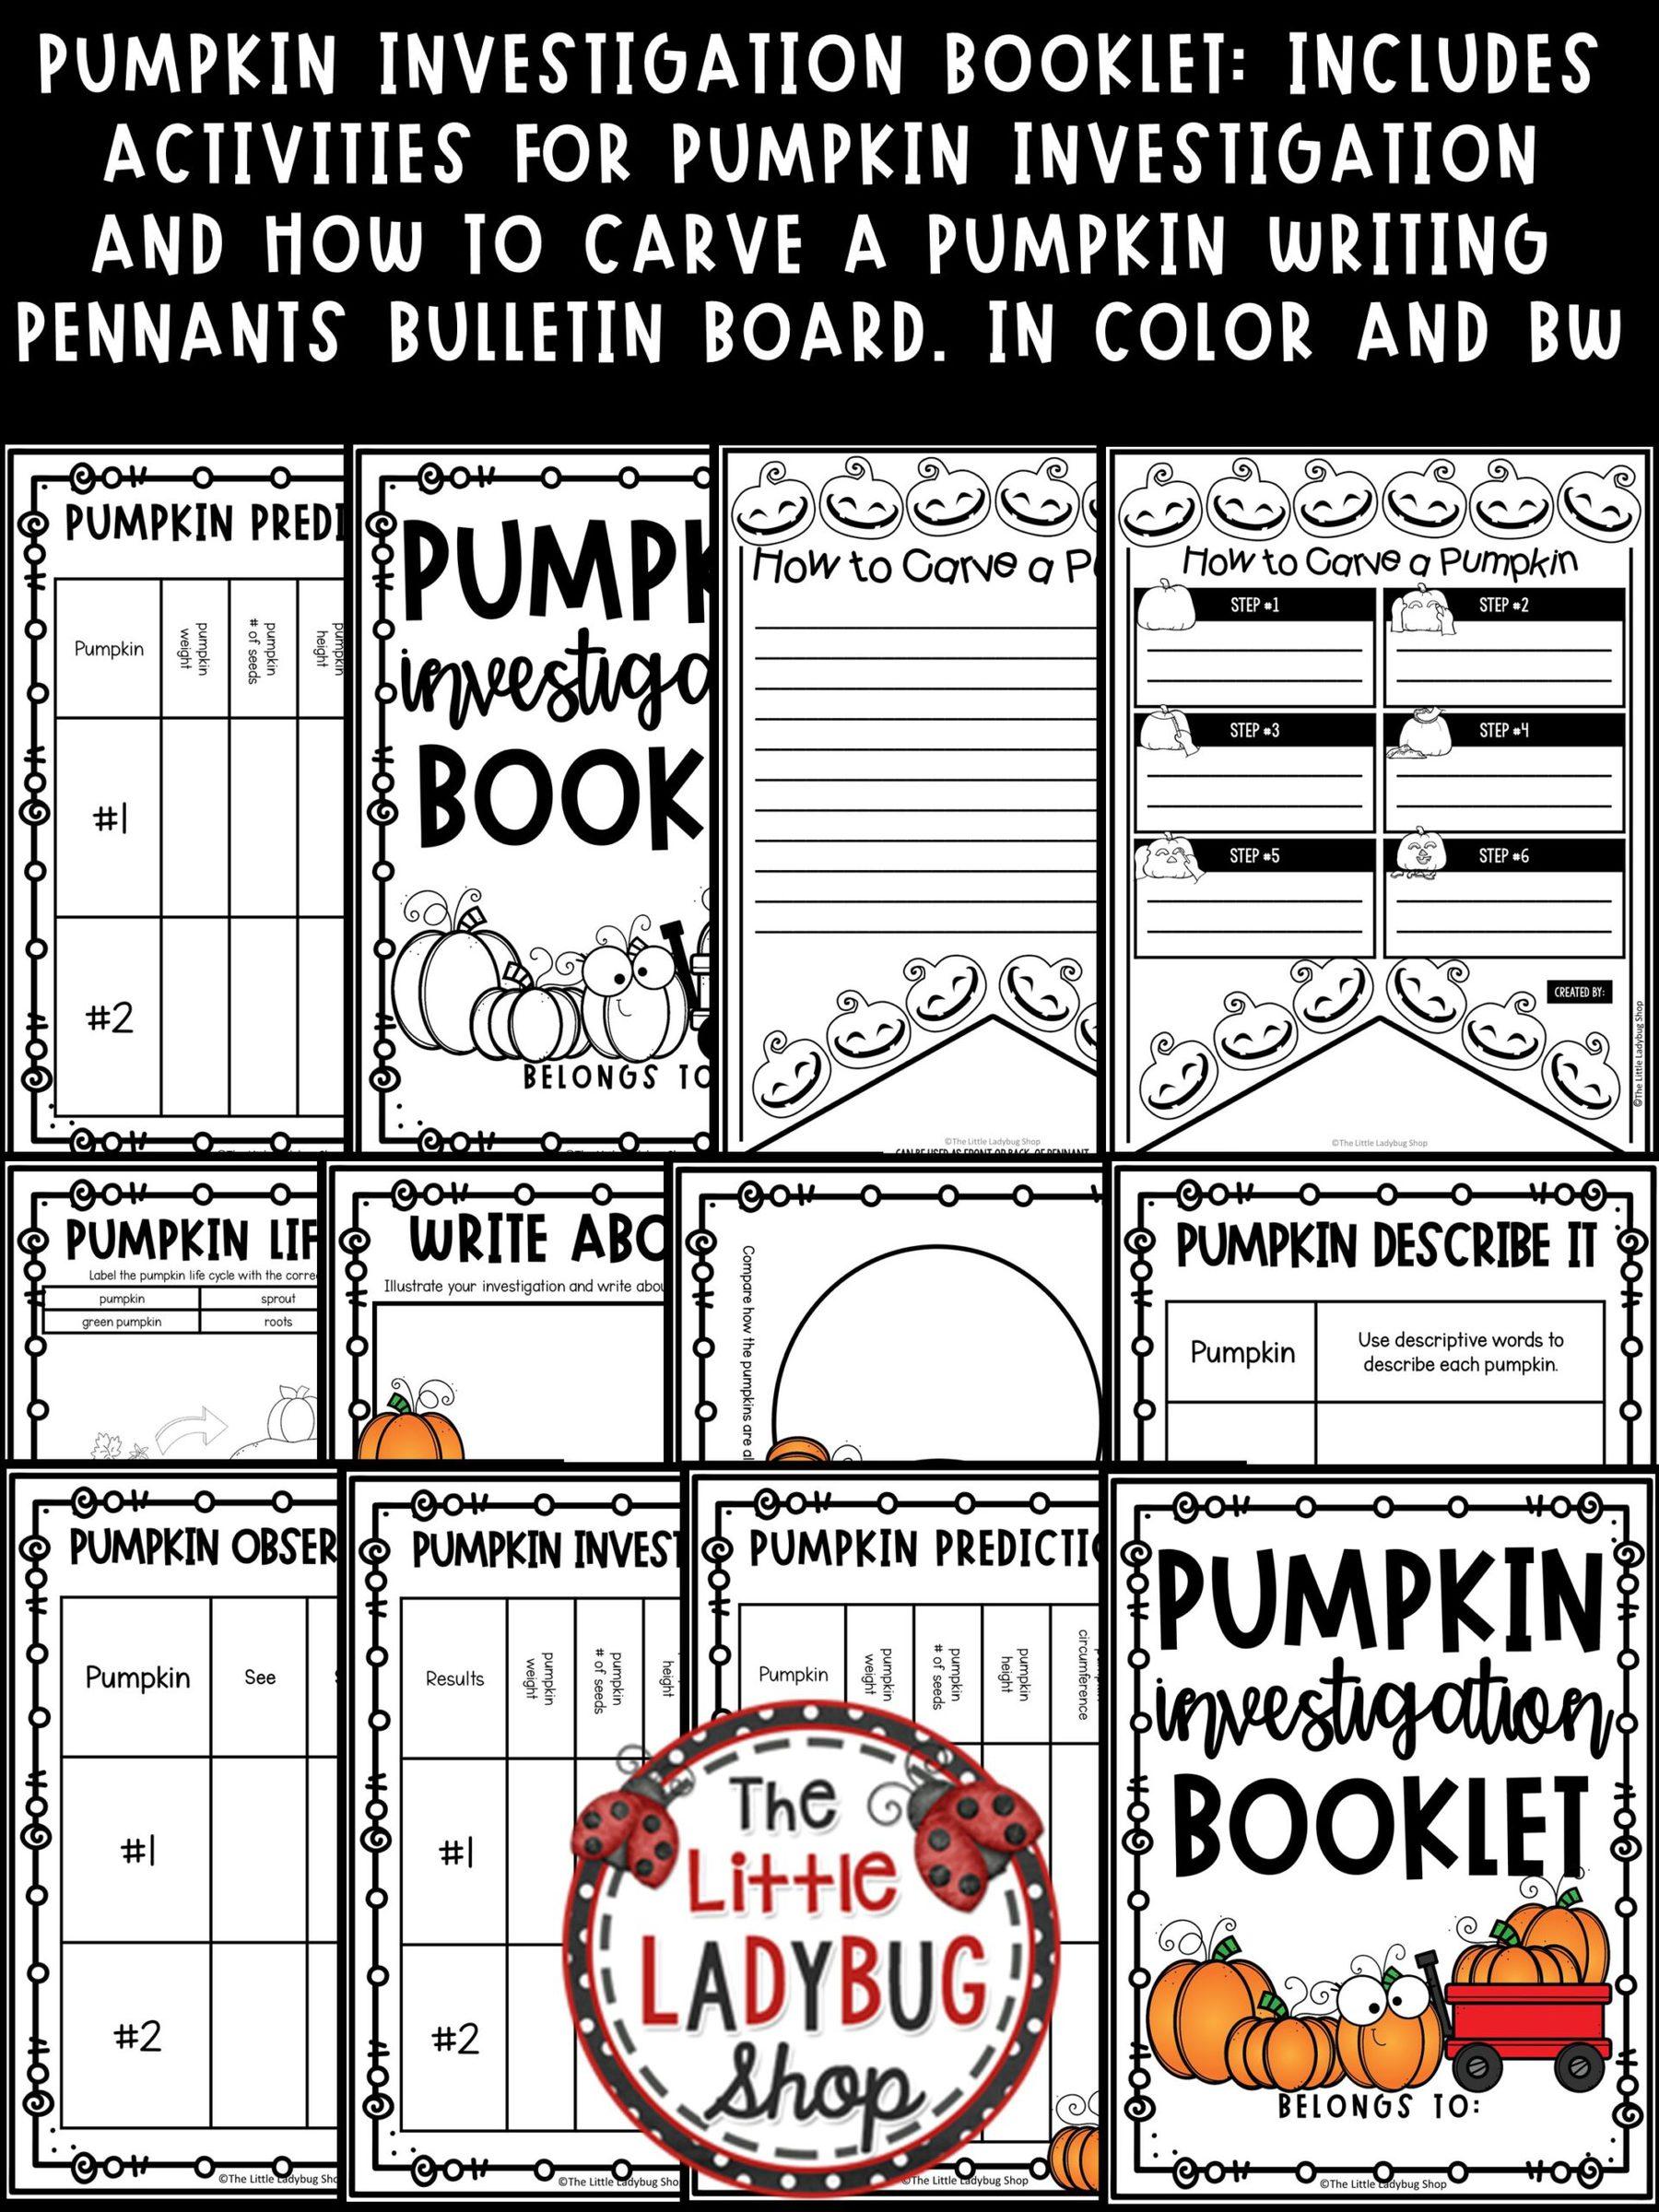 Pumpkin Investigation Worksheet How To Carve Pumpkin